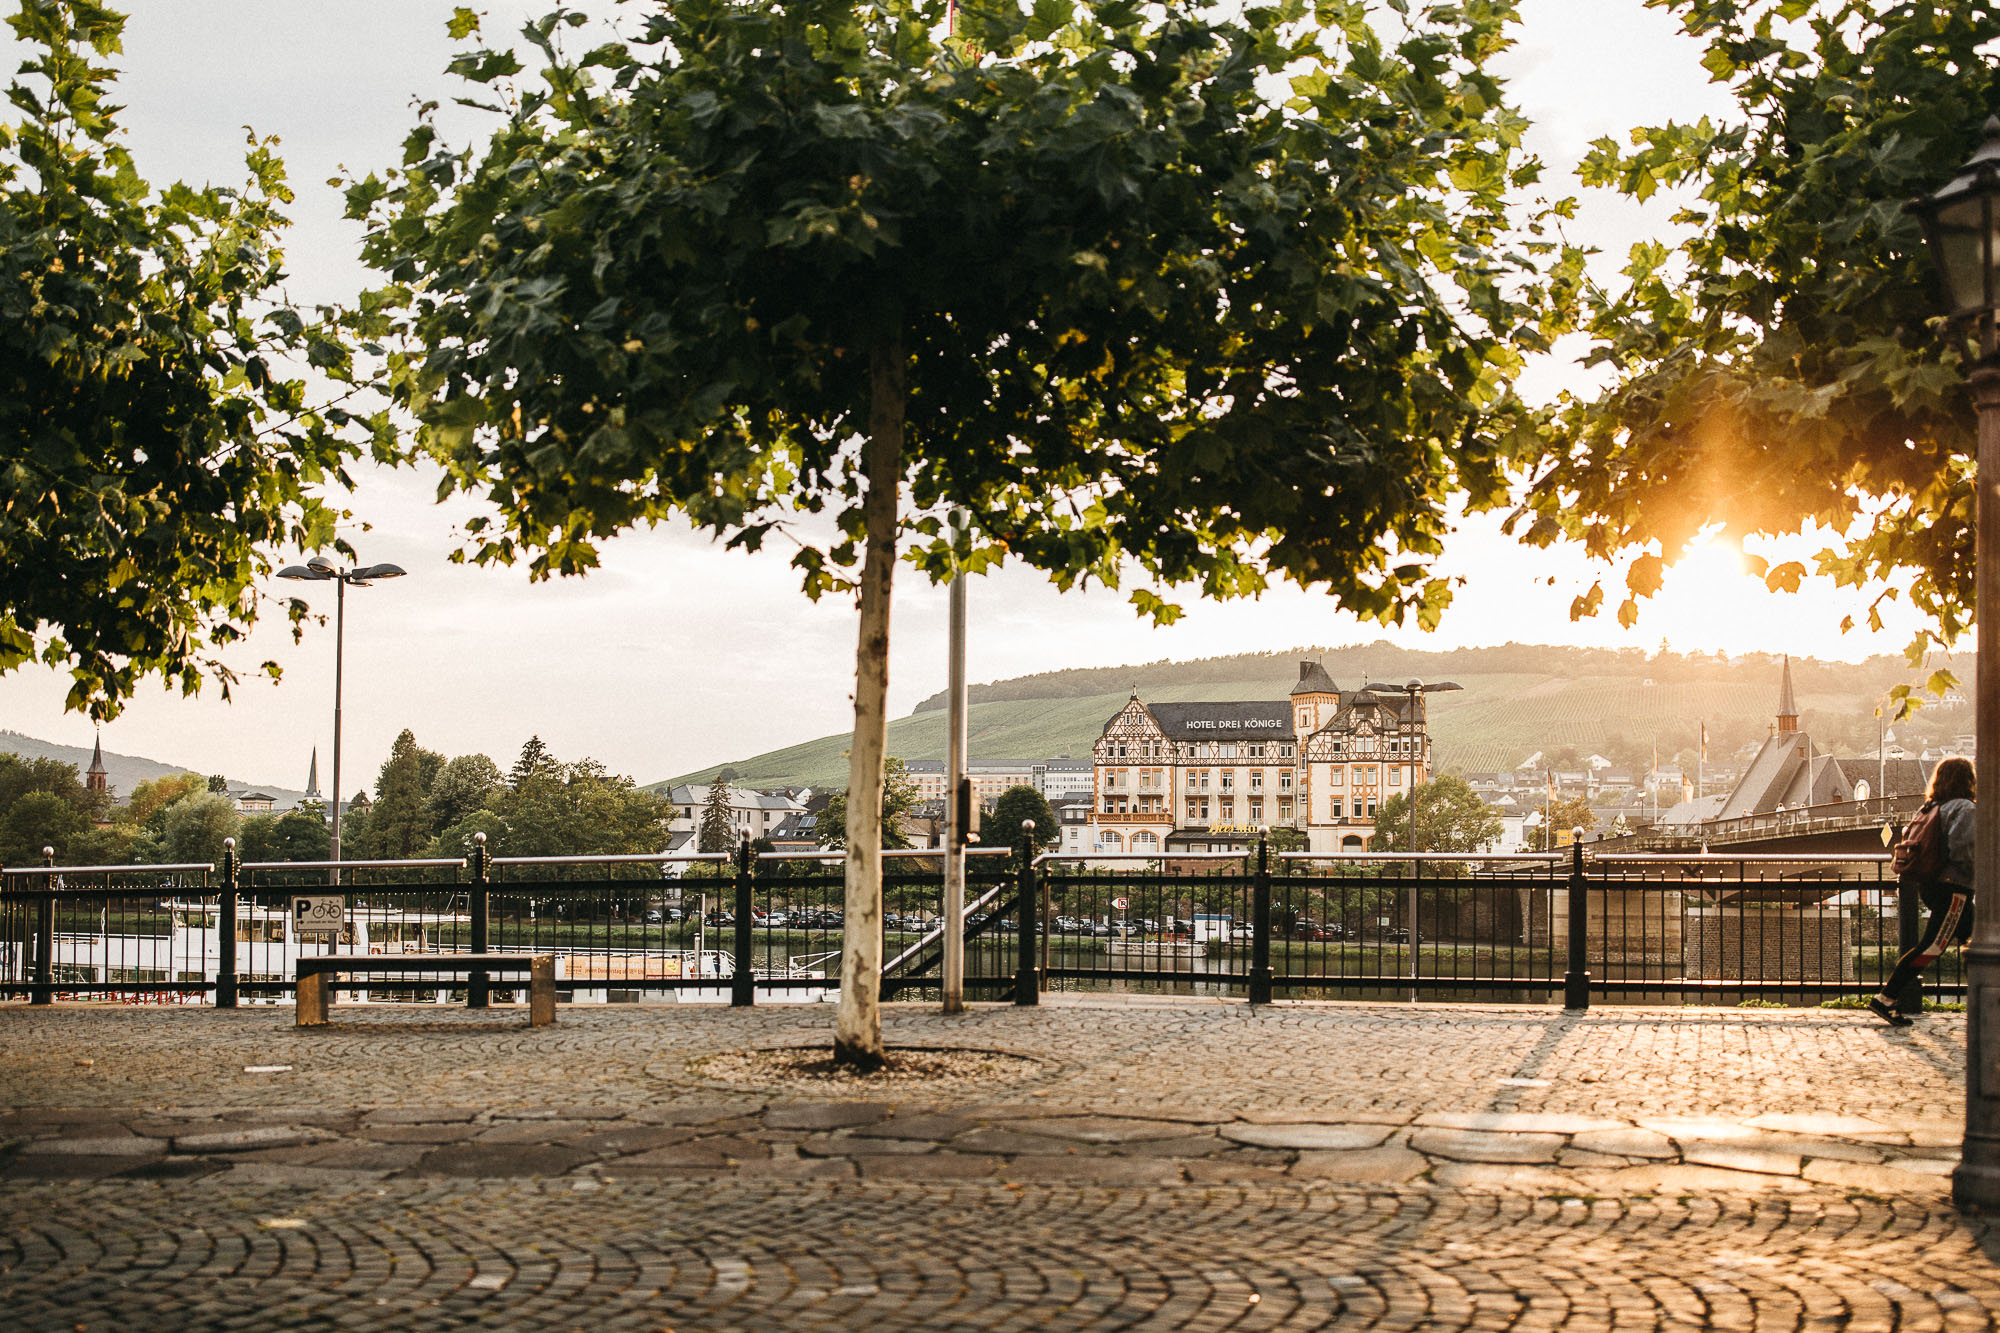 Hochzeit in Bernkastel-Kues. Sonnenuntergangsstimmung über der Mosel.